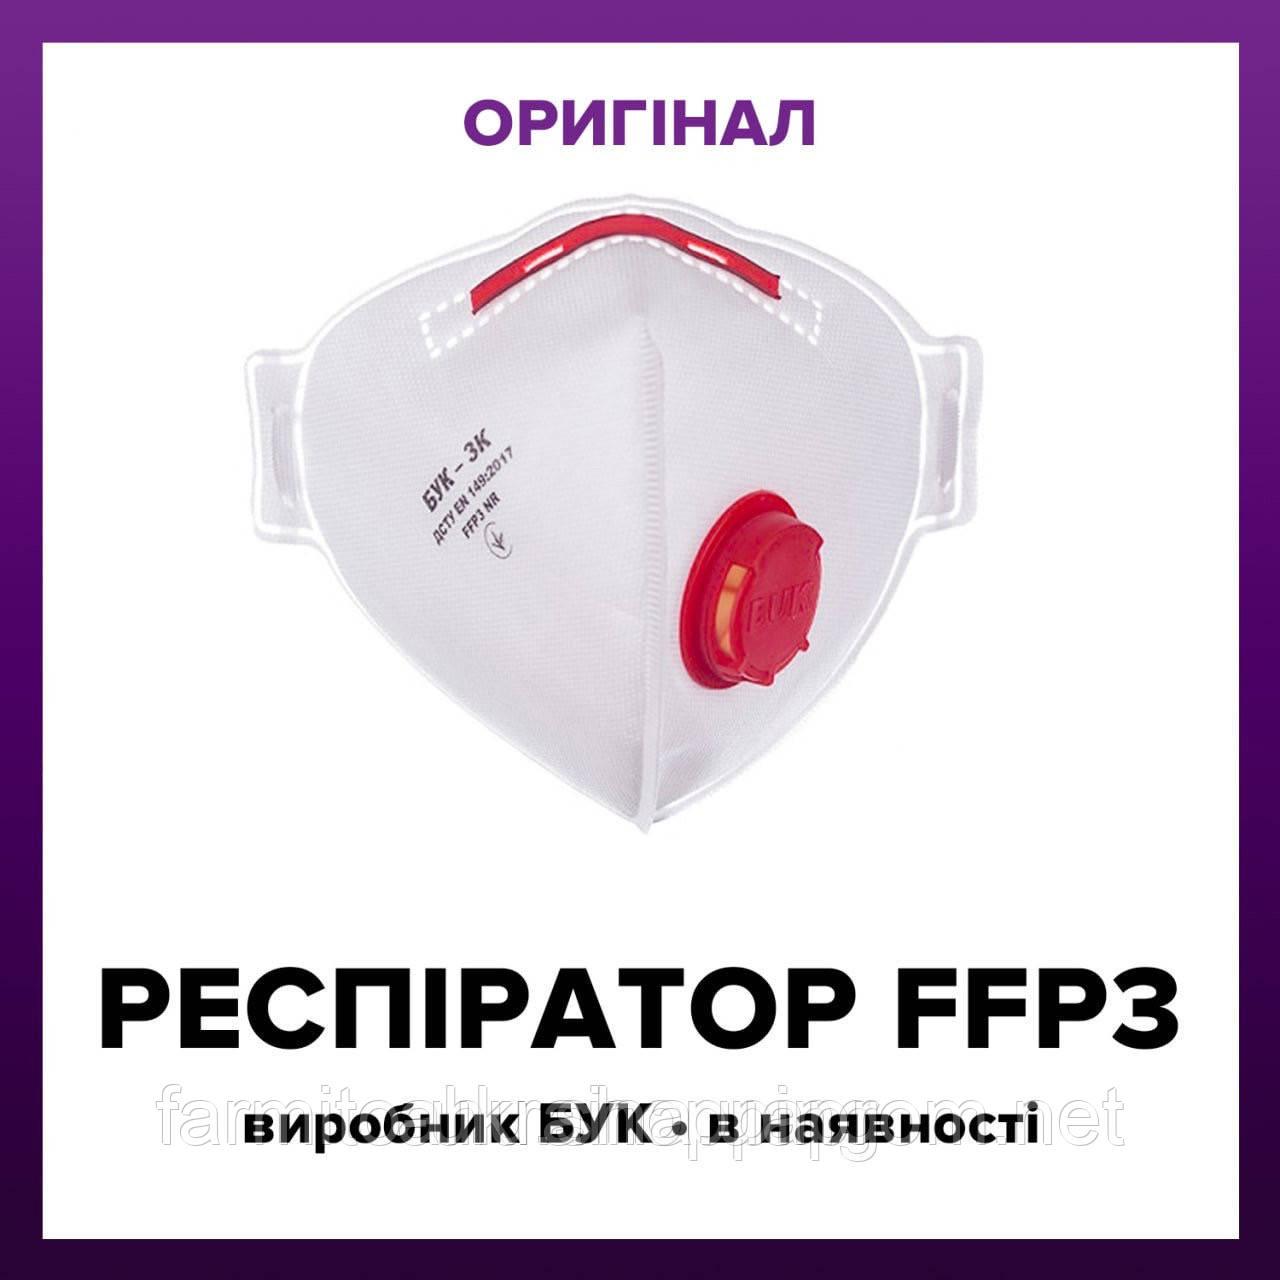 РЕСПИРАТОР БУК-3К. Полумаска FFP3 с клапаном.